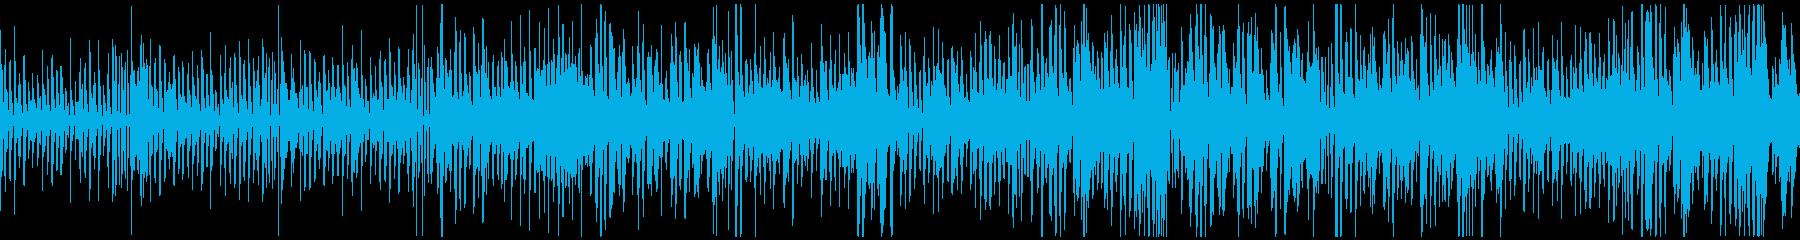 ピアノとベースジャズ系ハロウィン/ループの再生済みの波形